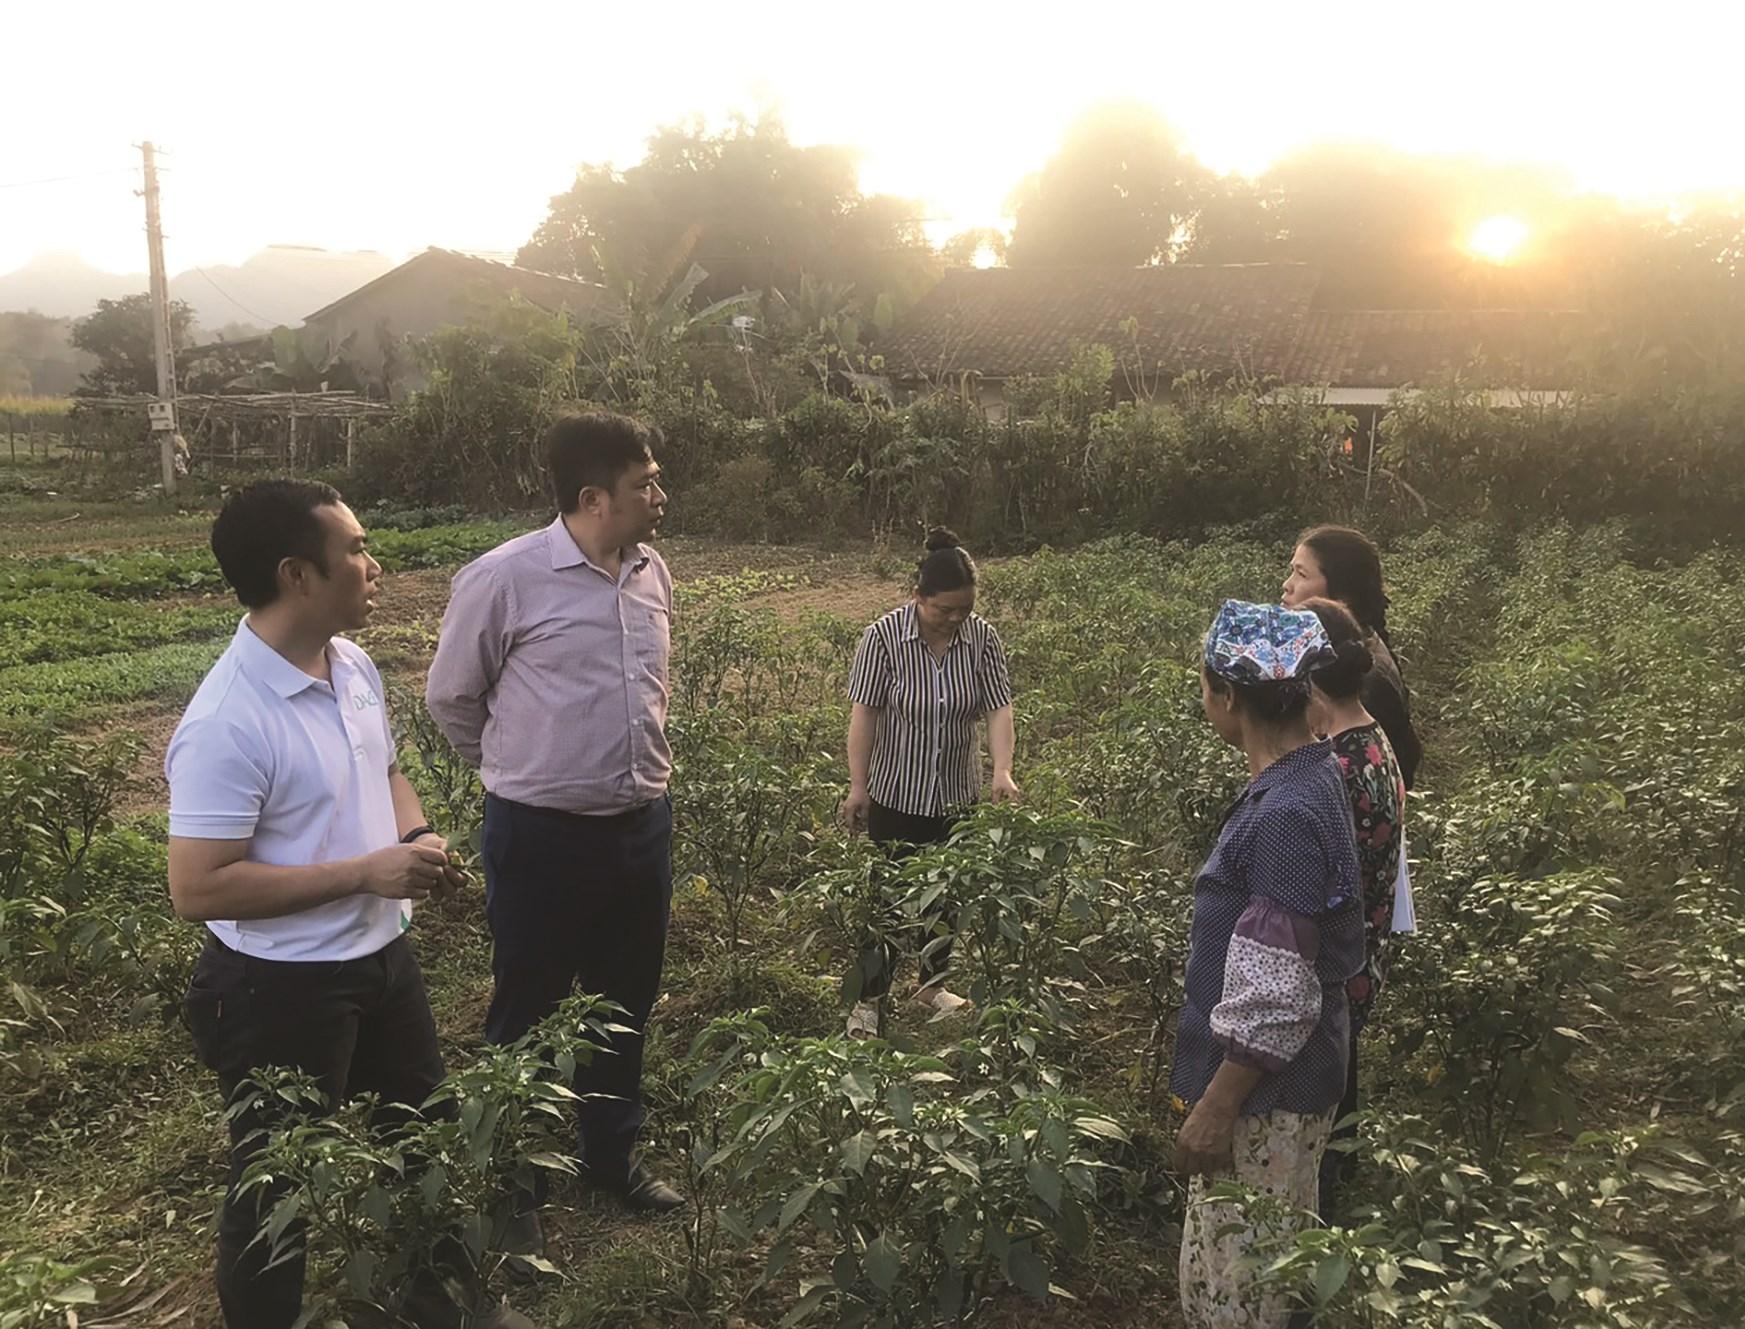 Người dân thôn Vò Rài, xã Hồng Việt, huyện Hòa An chăm sóc ớt theo mô hình Tổ hợp tác.